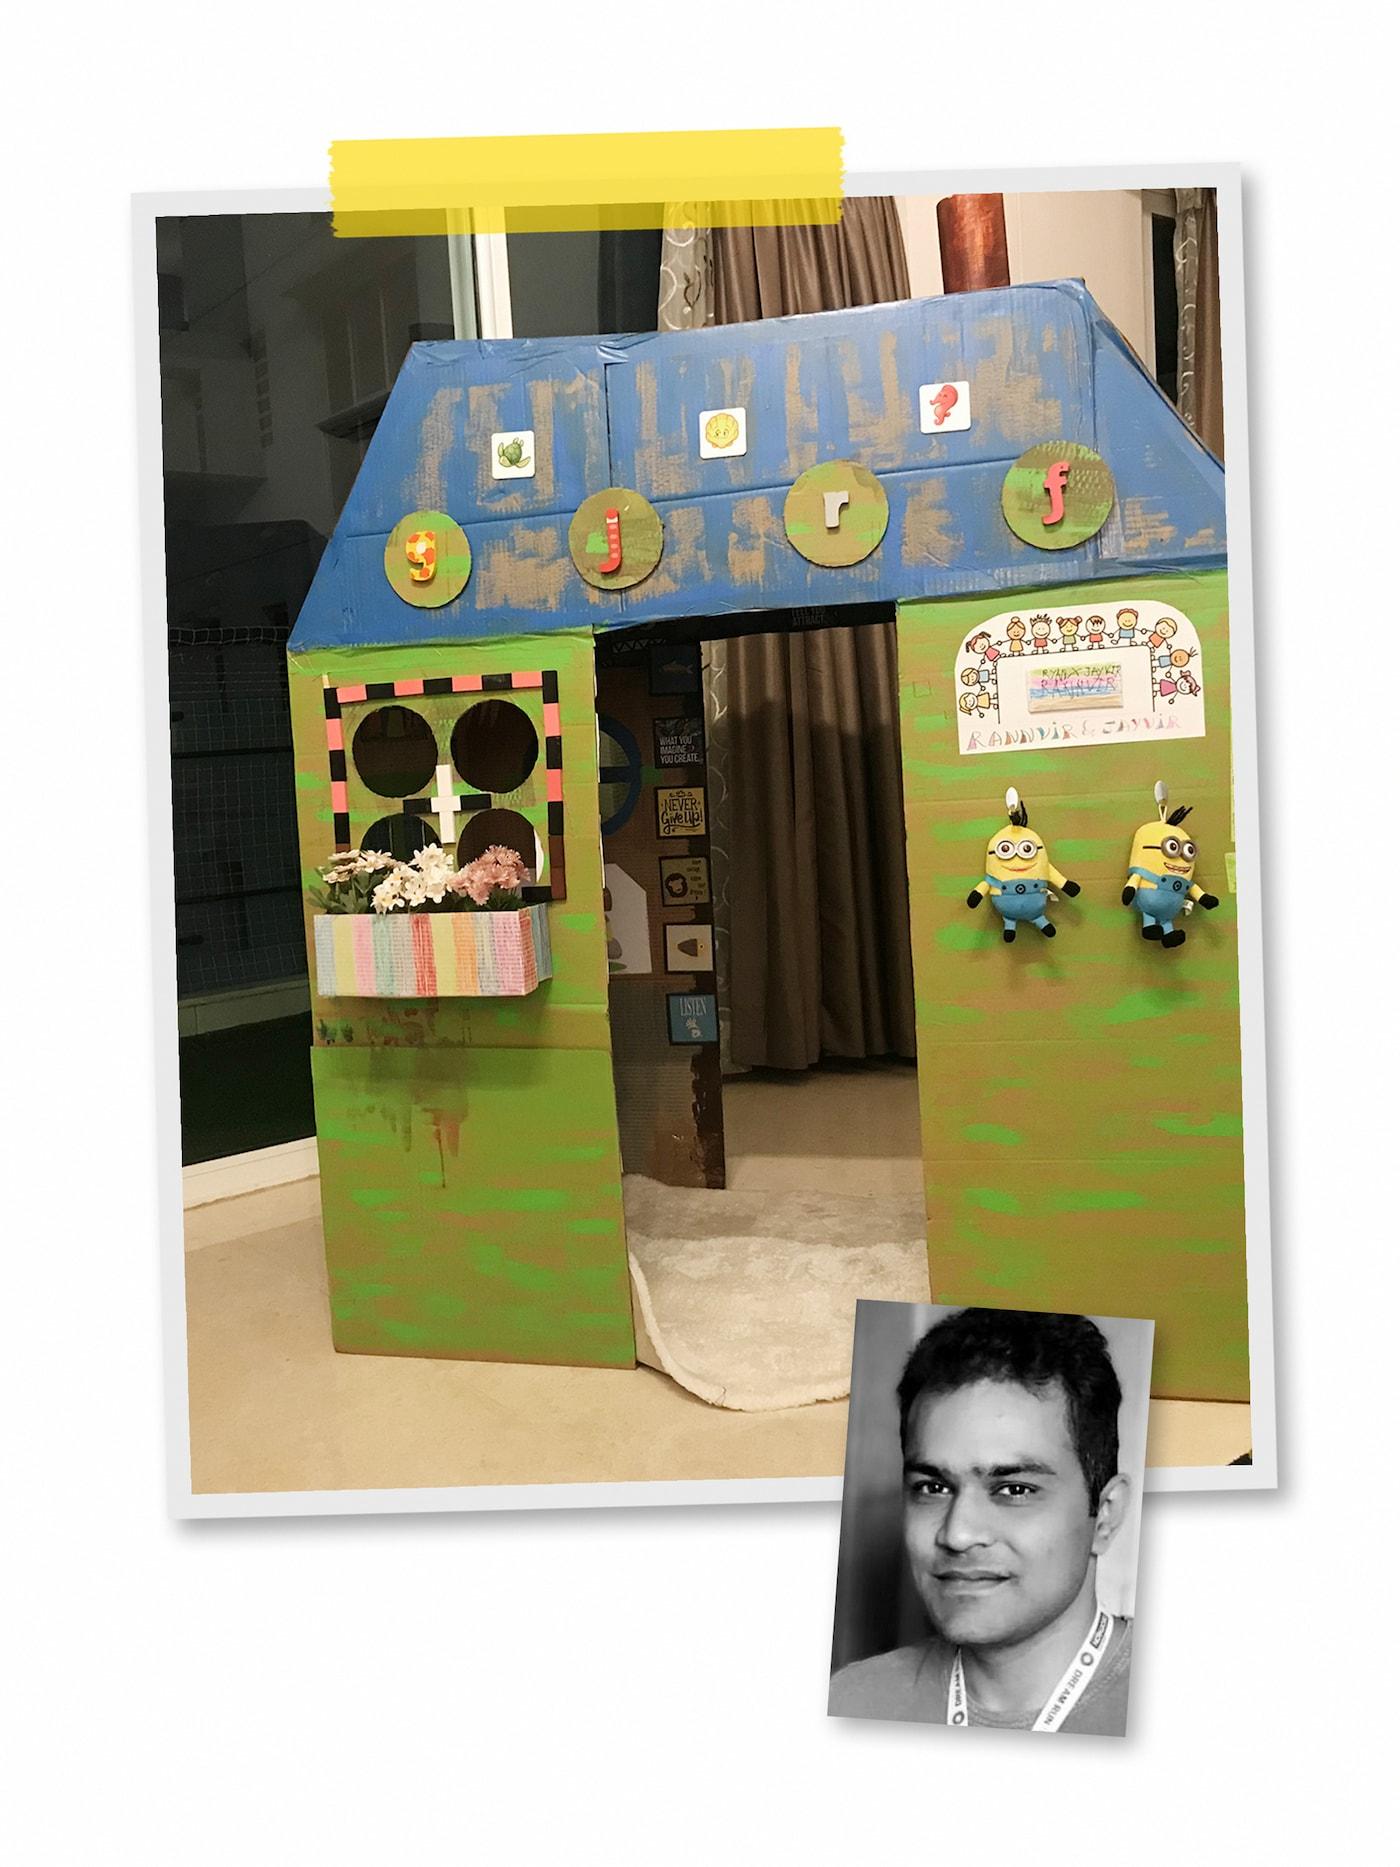 两幅照片组成的拼图:一间用手绘卡纸做成的游戏屋,里面放着一块地毯,外面挂着毛绒玩具,以及一位宜家员工的人像写真。